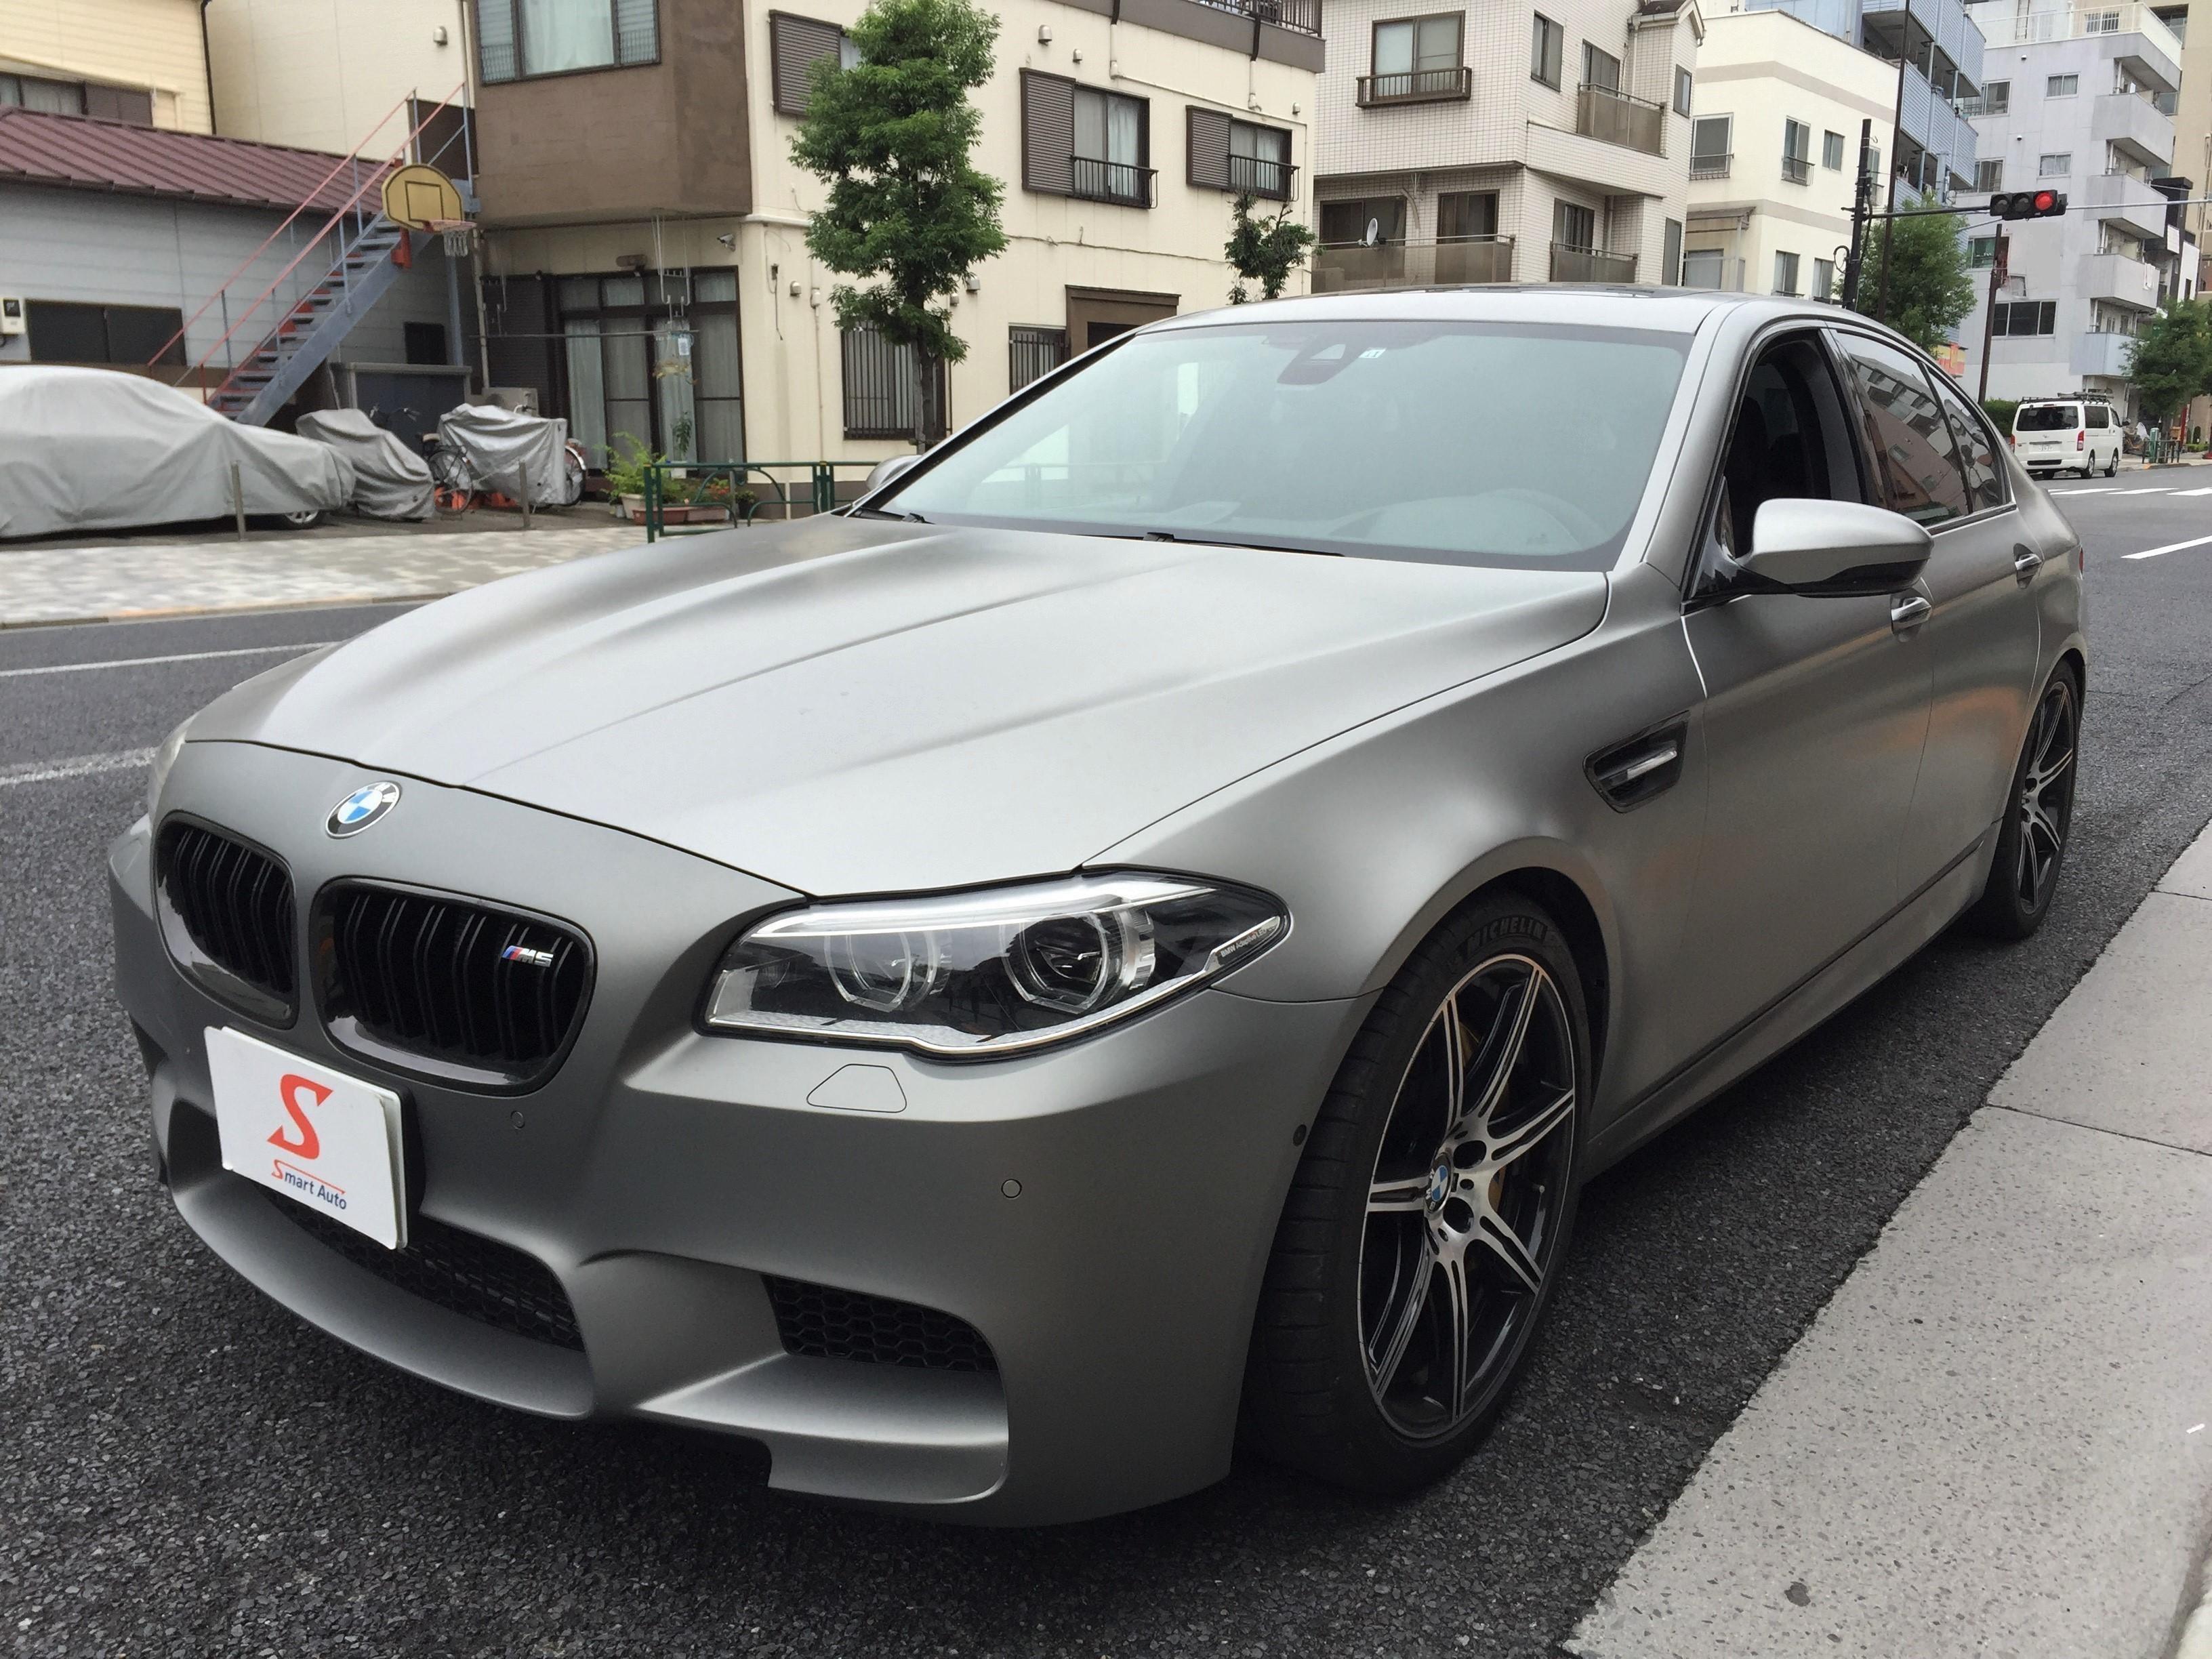 初代 M5 の登場から 30年 を迎えたことを記念したモデル、2014年式 BMW M5 30 Jahre(ドライスィヒ・ヤーレ)が入庫致しました。